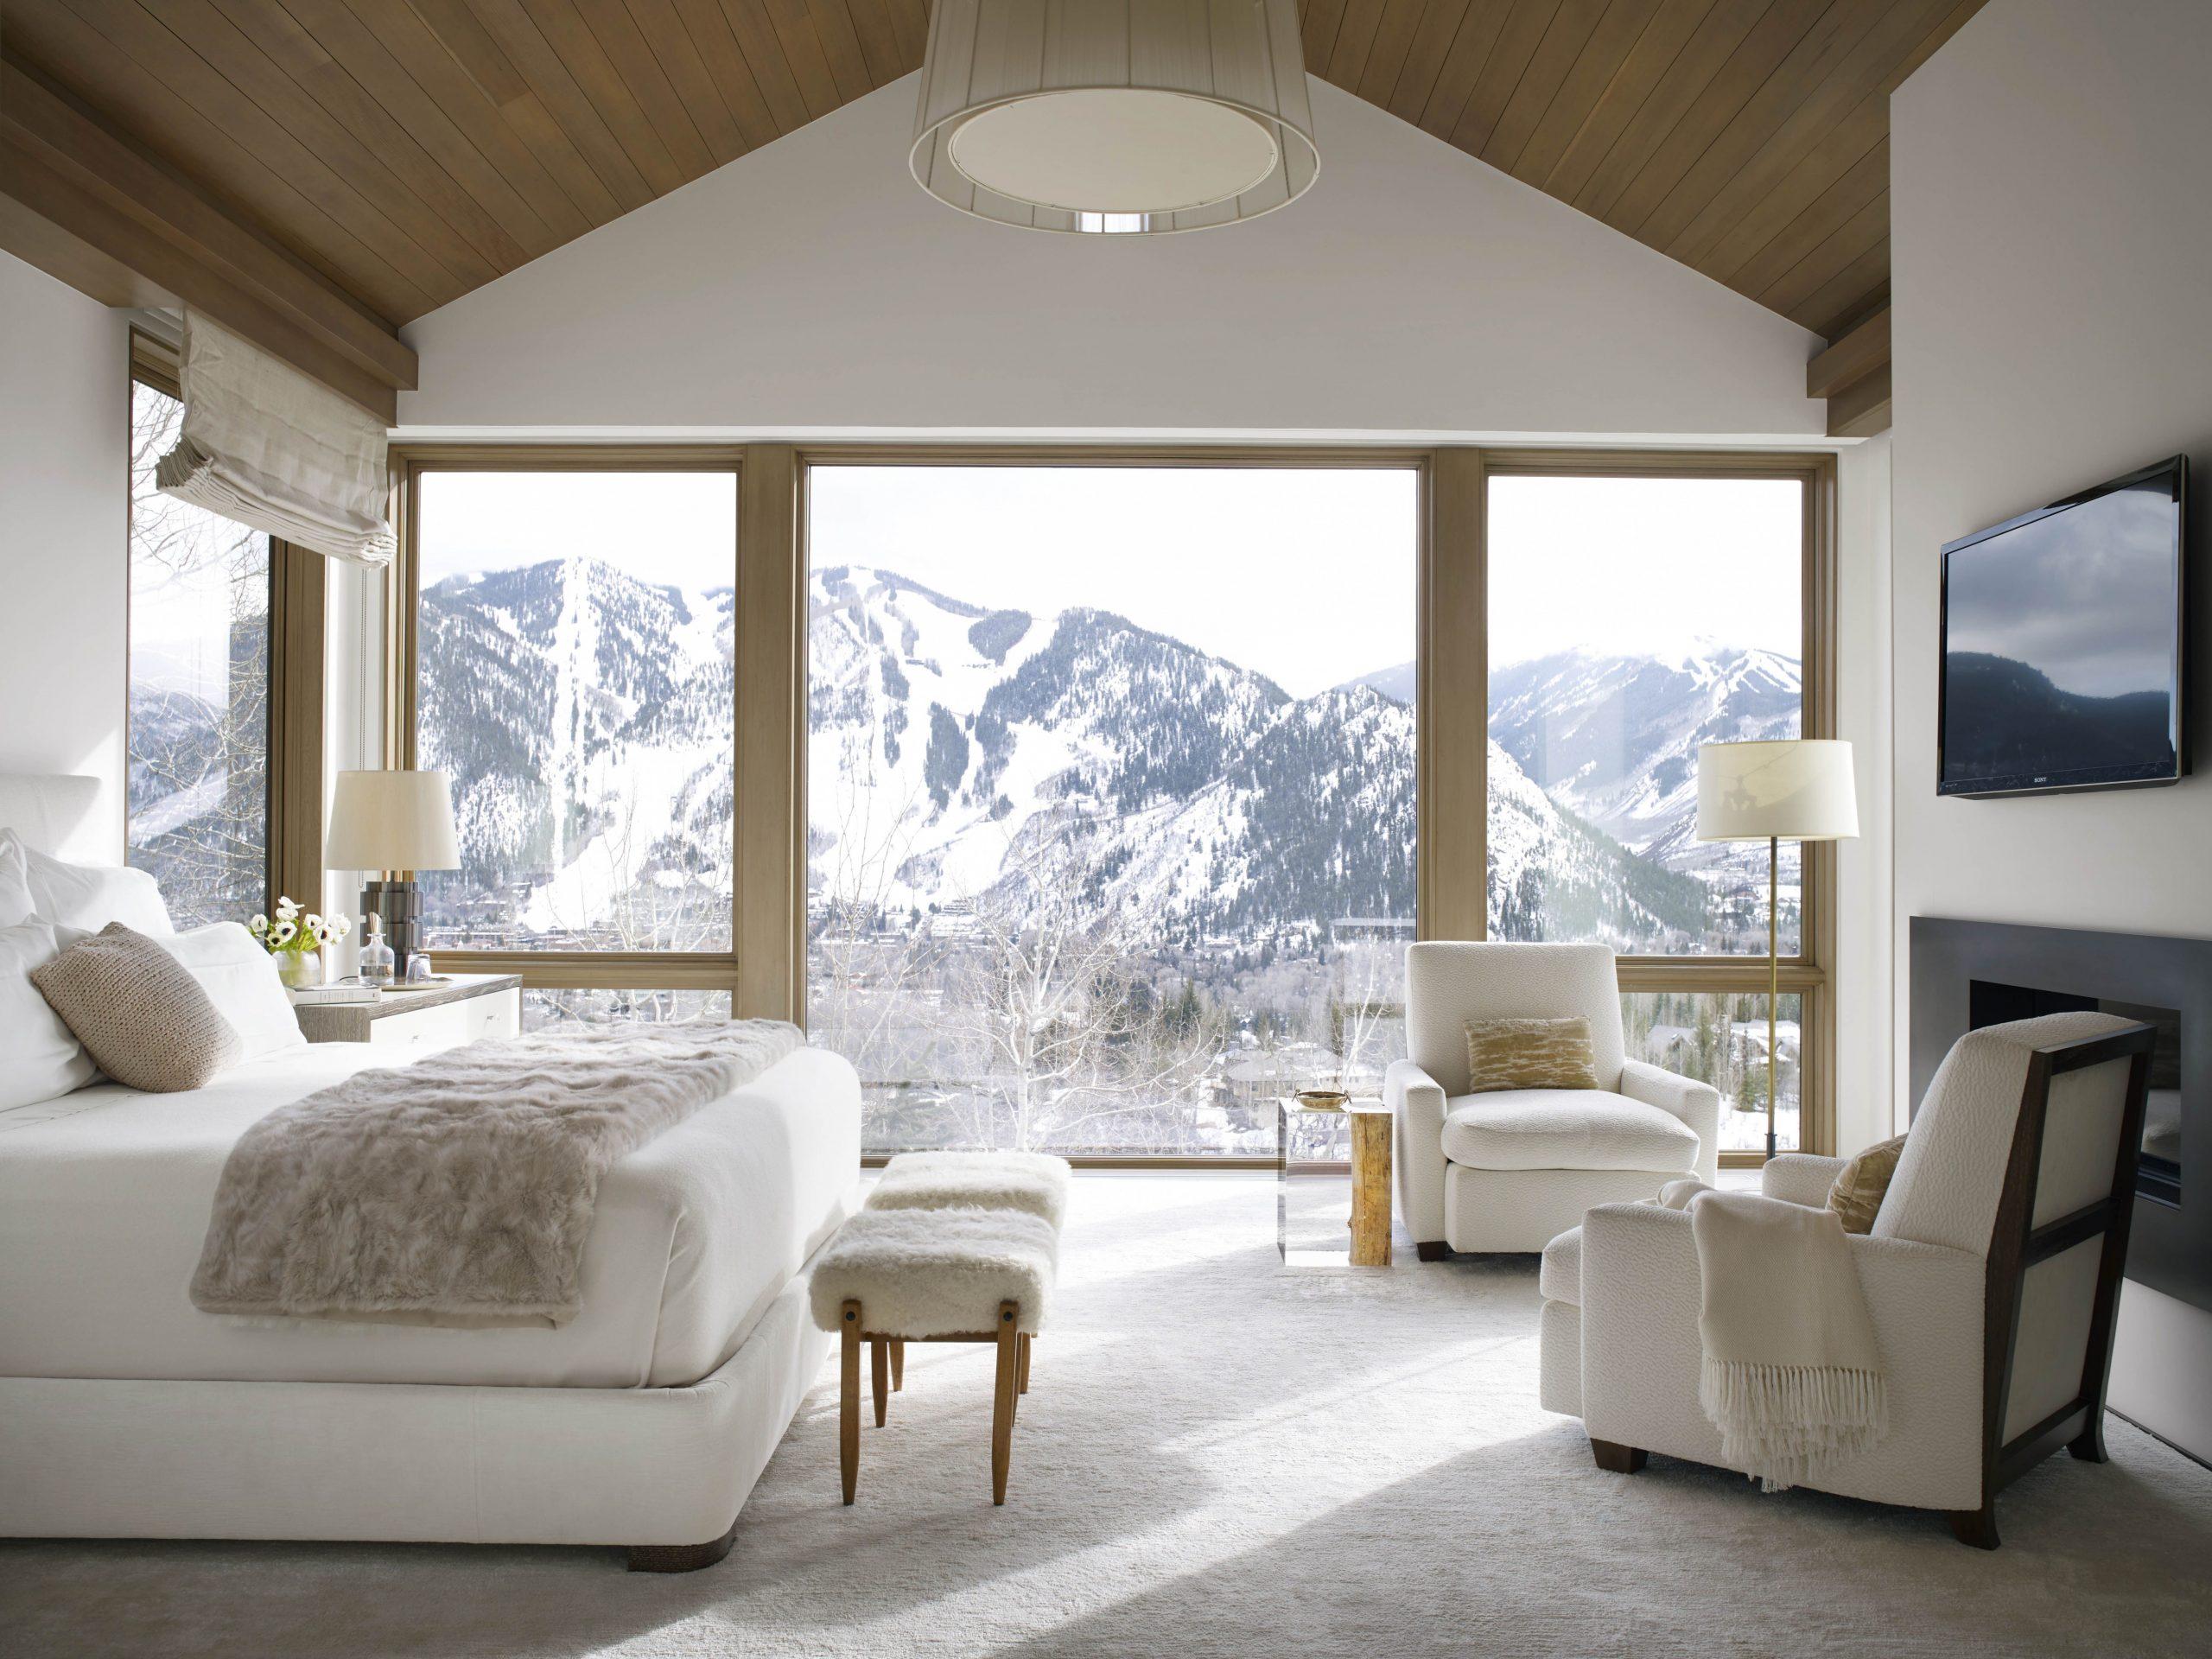 12 White Bedroom Ideas - Luxury White Bedroom Designs and Decor - Bedroom Ideas Luxury